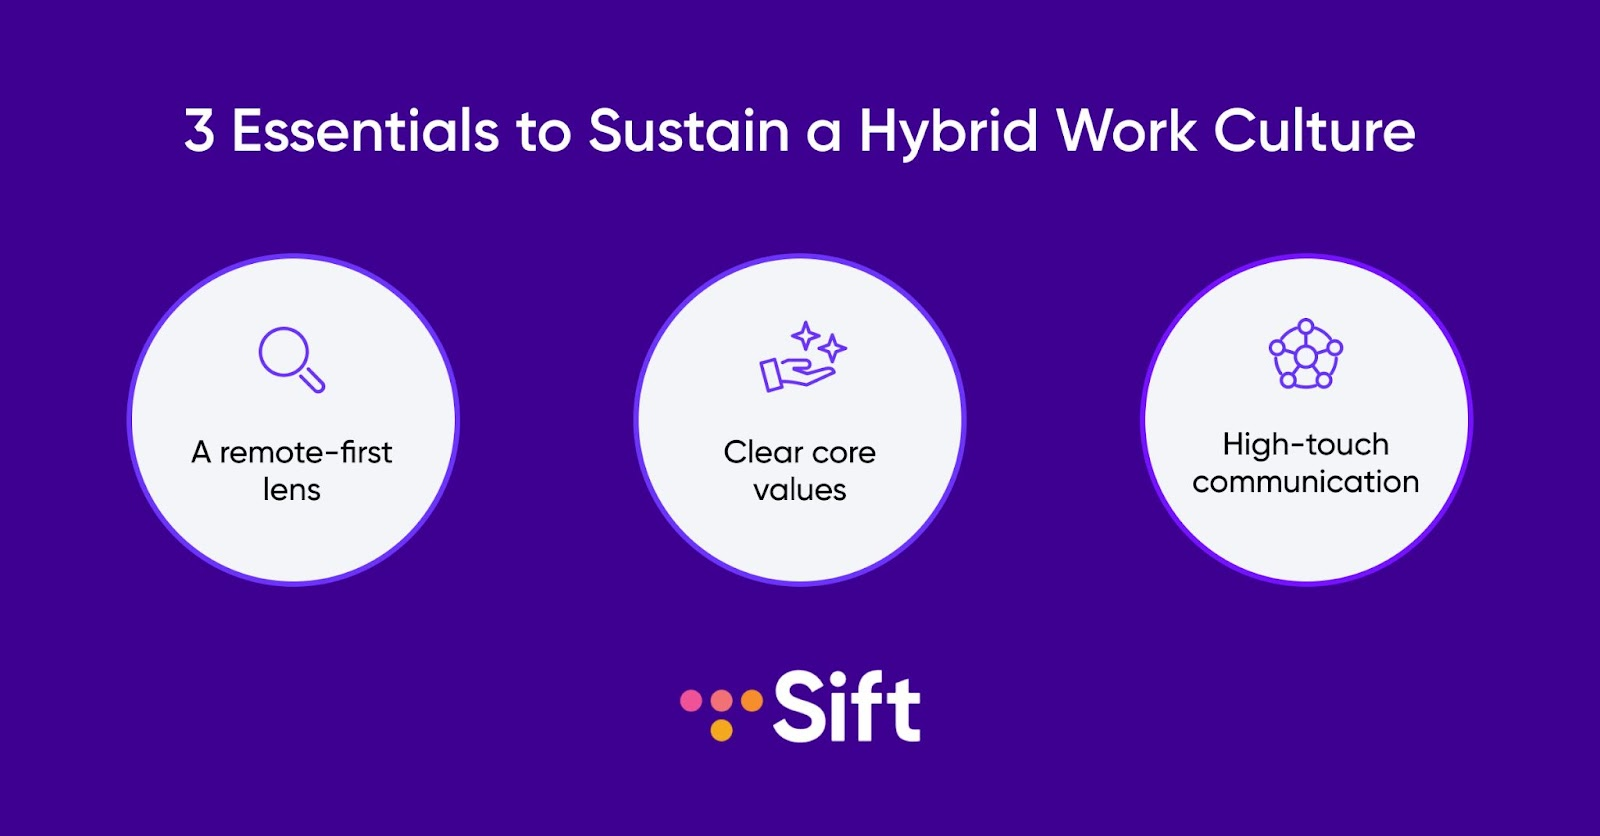 Three essentials to sustain a hybrid work culture